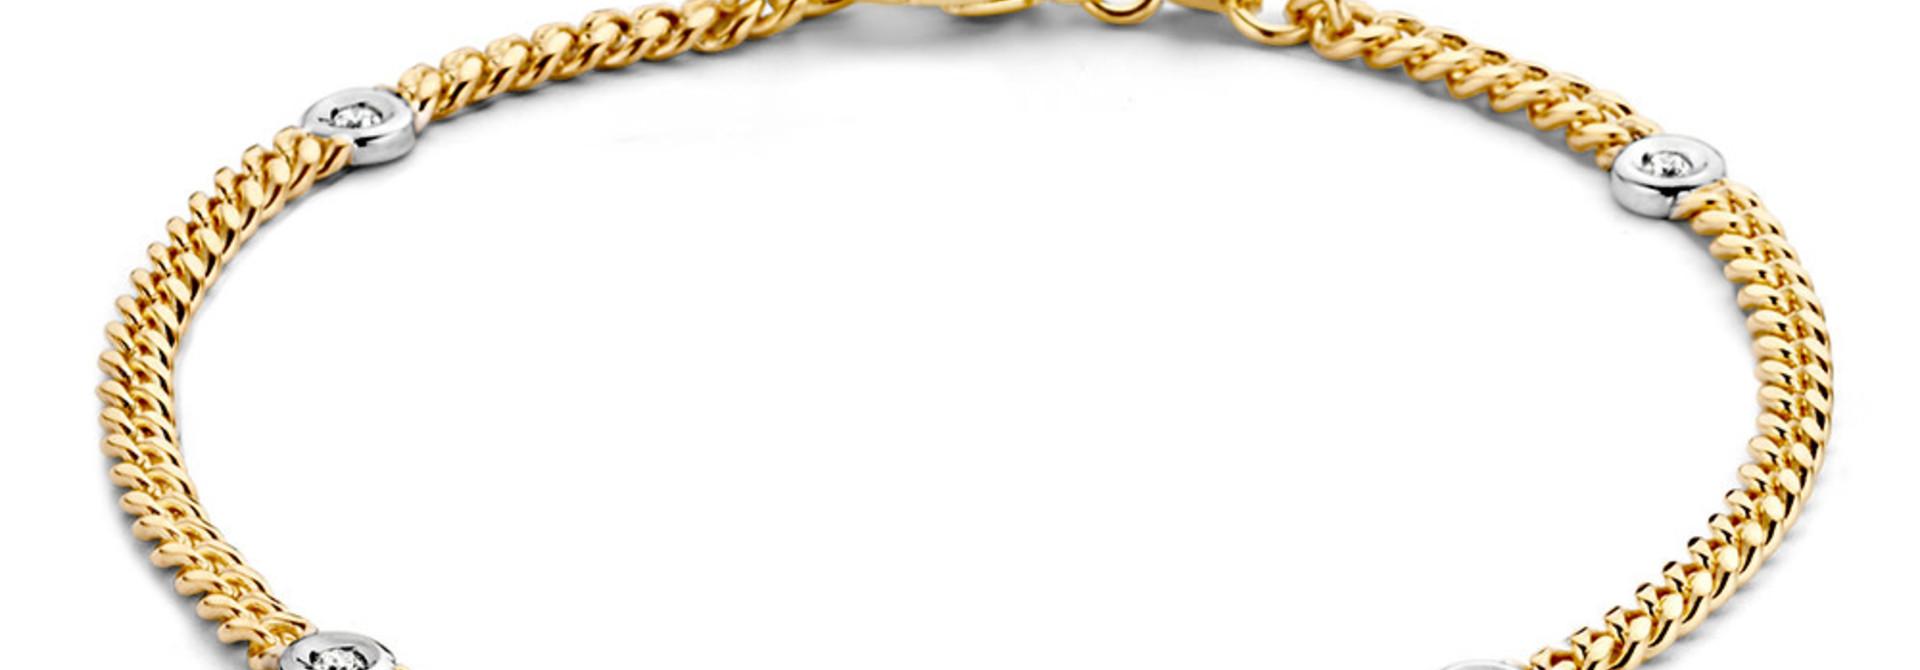 Bracelet bicolor brilliant 0,10 crt.